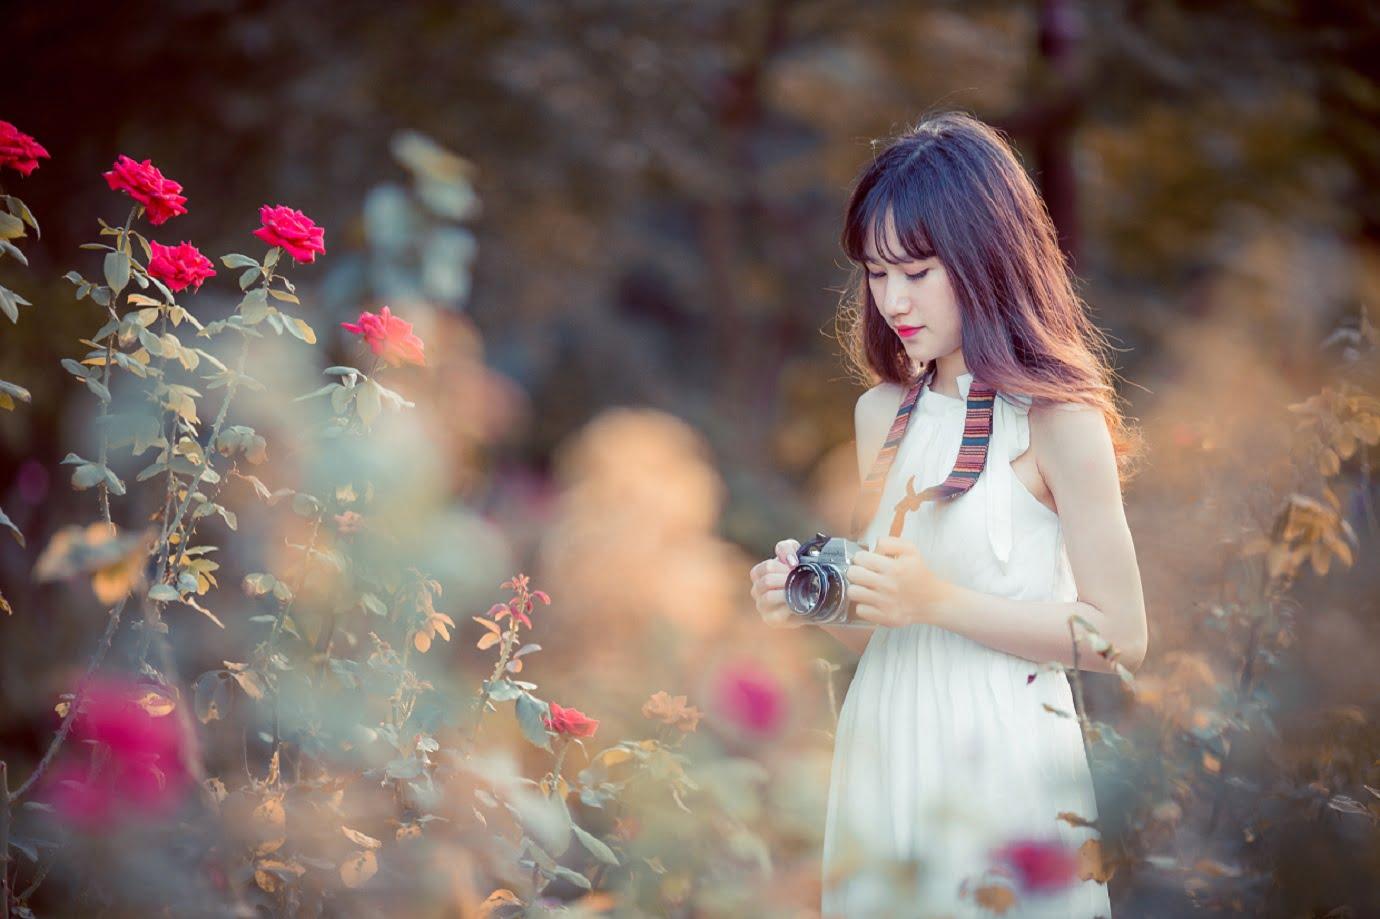 anh chup hoa hong 6 - [Br-Art] Cô bé bên vườn hoa hồng nhỏ